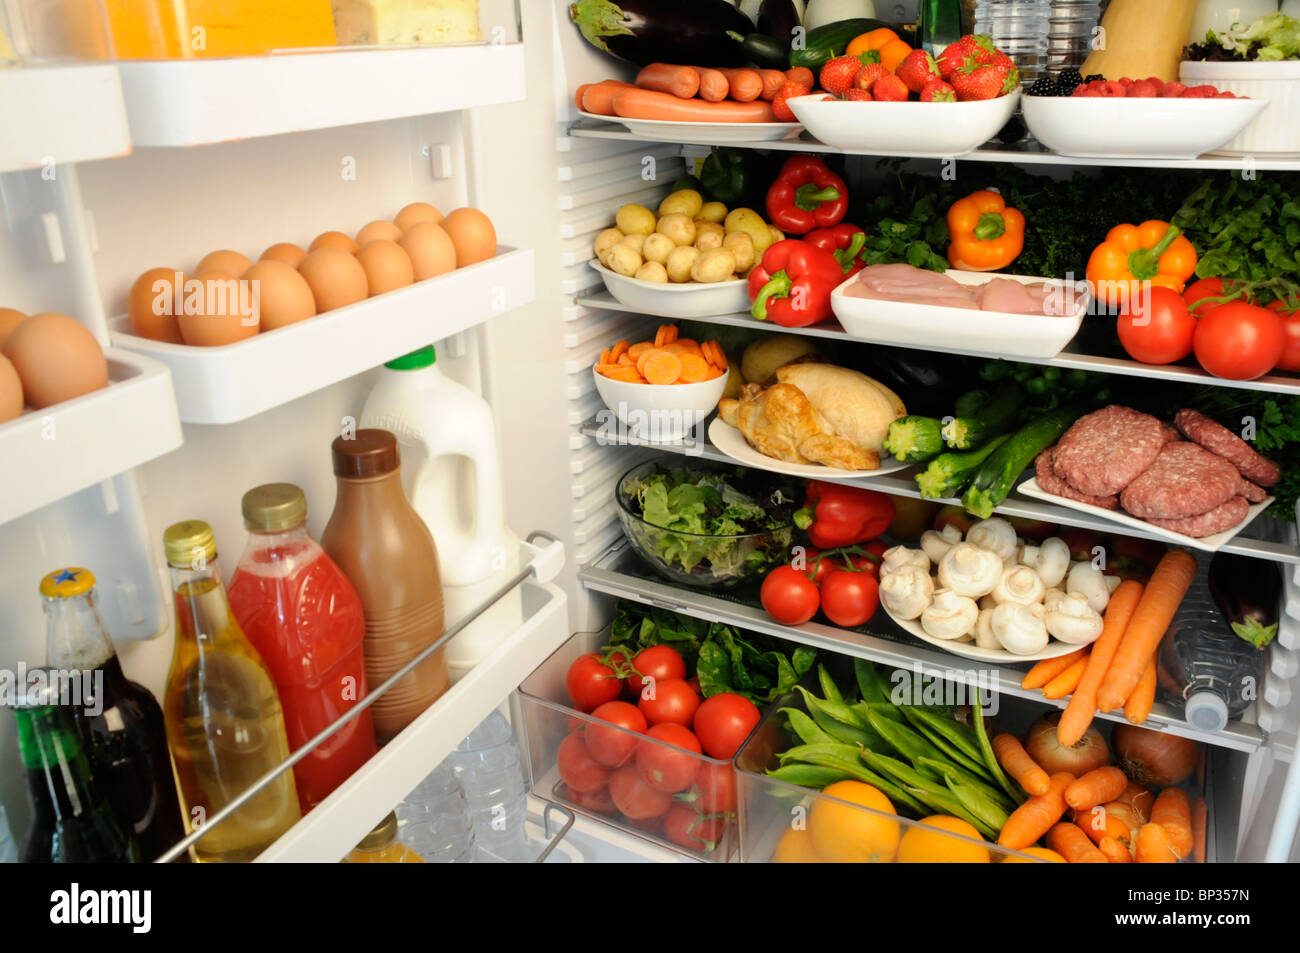 Vue à l'intérieur de réfrigérateur avec des étagères remplies de produits frais Photo Stock